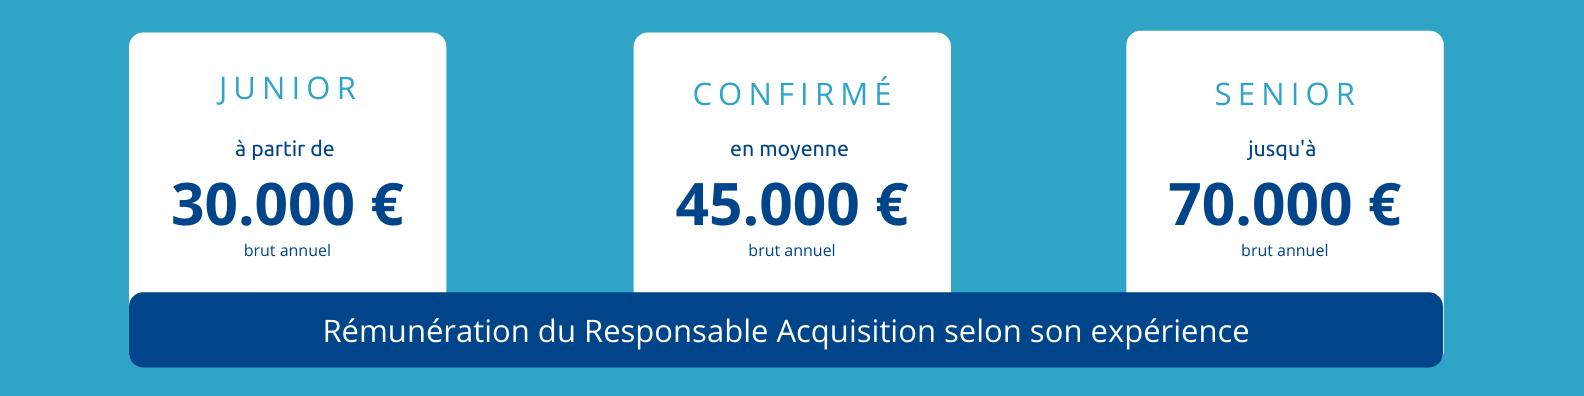 euridis-ecole-de-commerce-vente-marketing-page-metier-responsable-acquisition-salaire-metiers-du-web